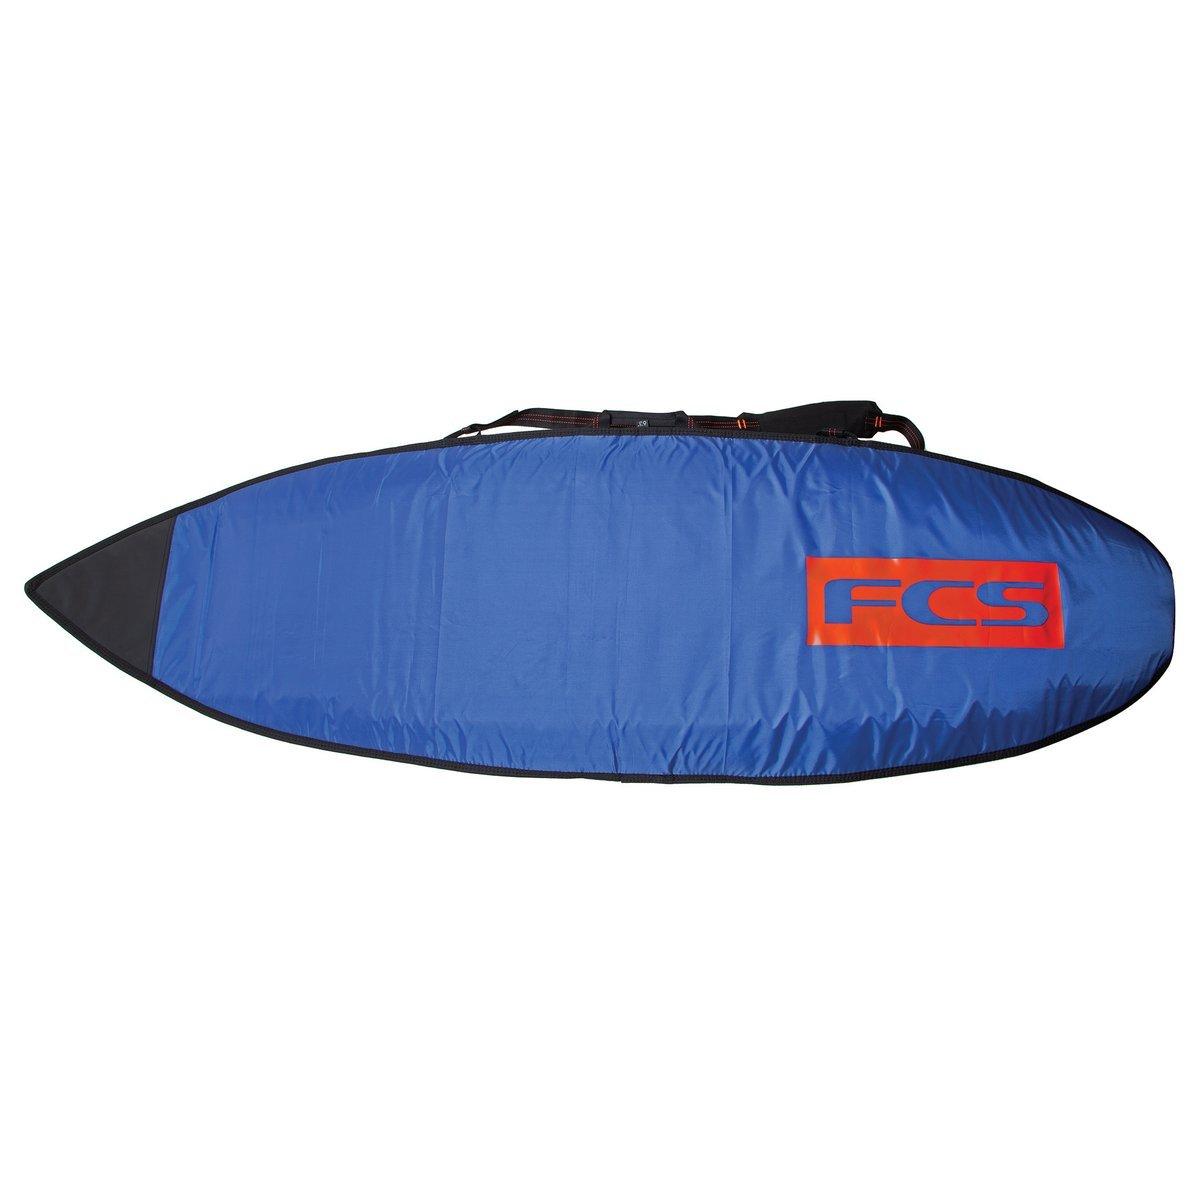 CLASSIC FUN BOARD BAG